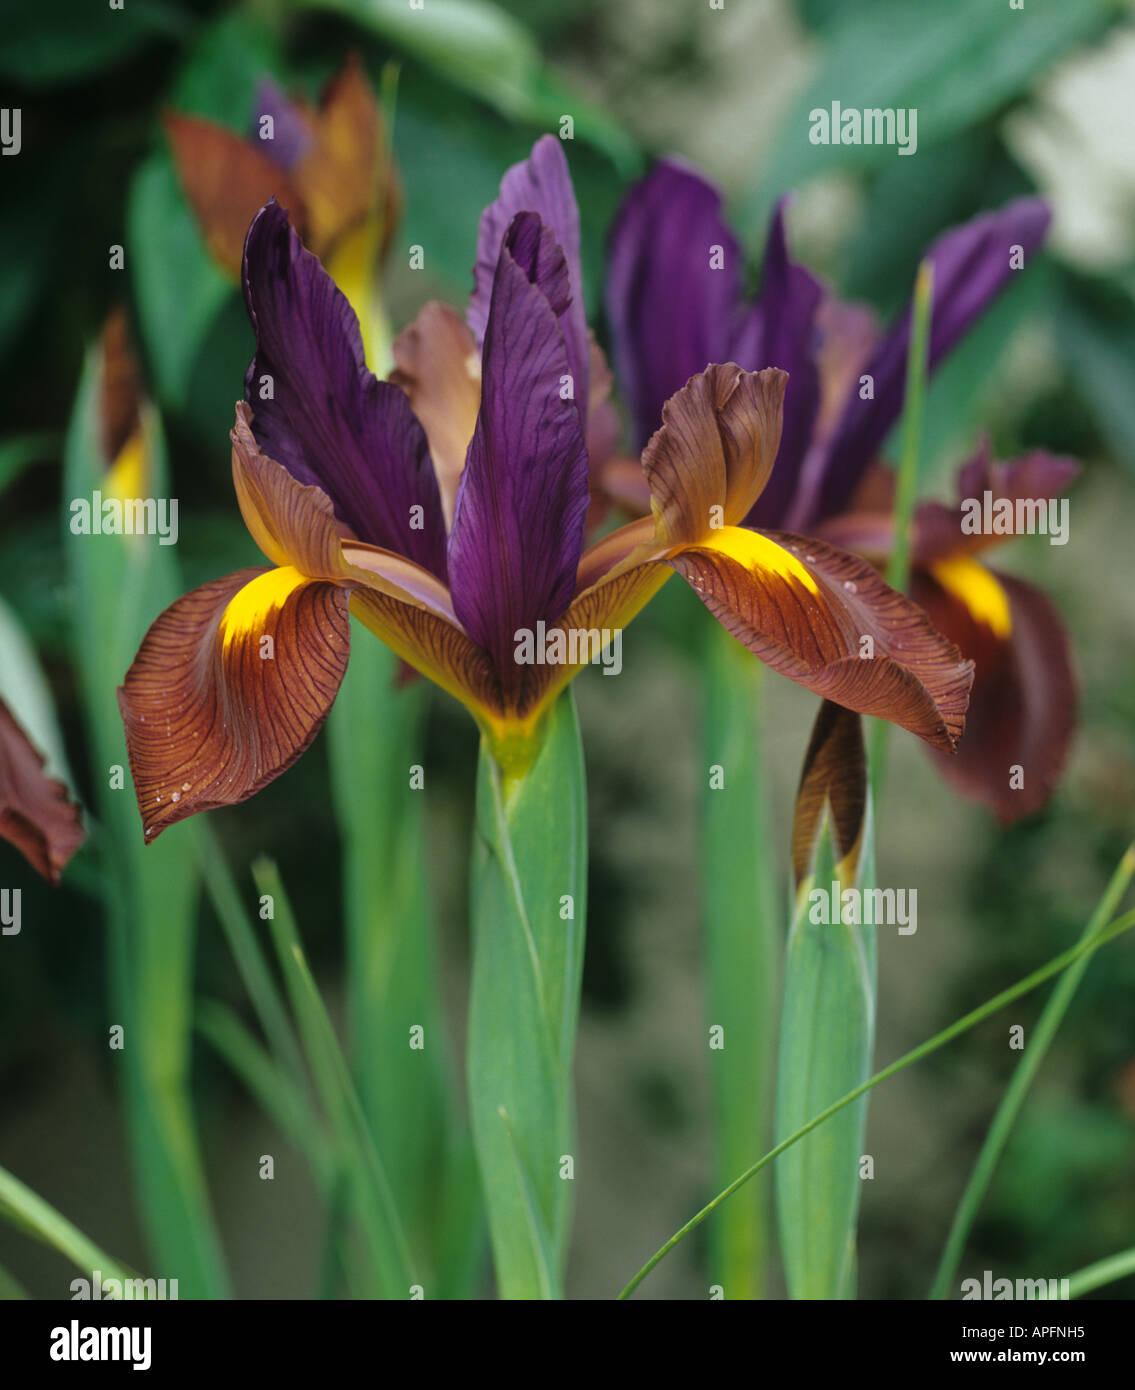 Black iris flowers stock photos black iris flowers stock images flowers of iris black beauty stock image izmirmasajfo